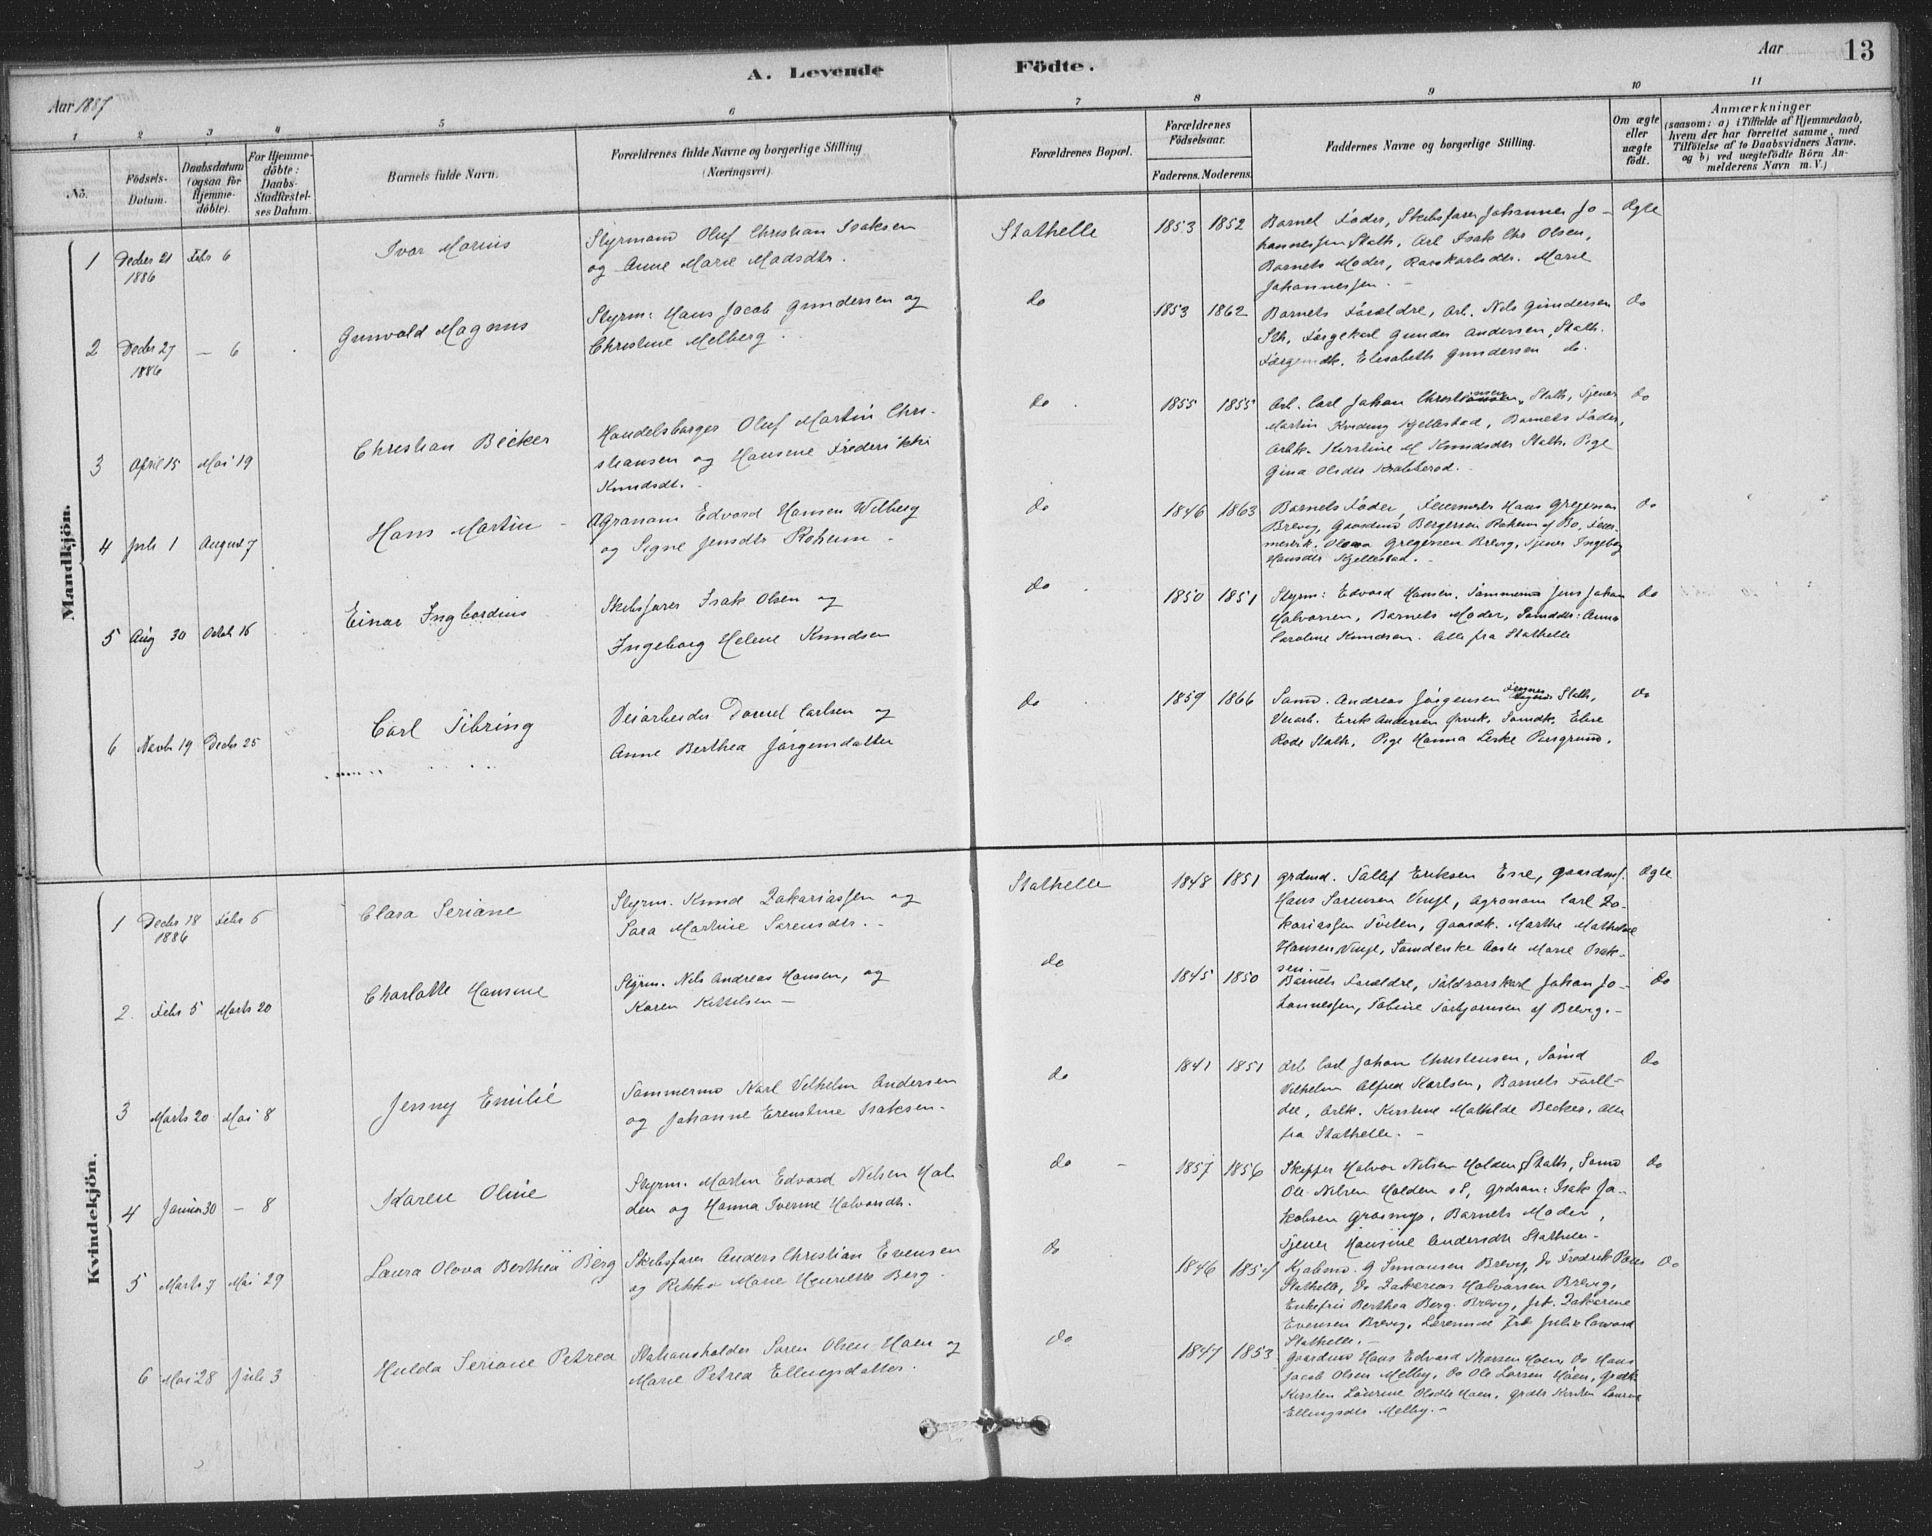 SAKO, Bamble kirkebøker, F/Fb/L0001: Ministerialbok nr. II 1, 1878-1899, s. 13